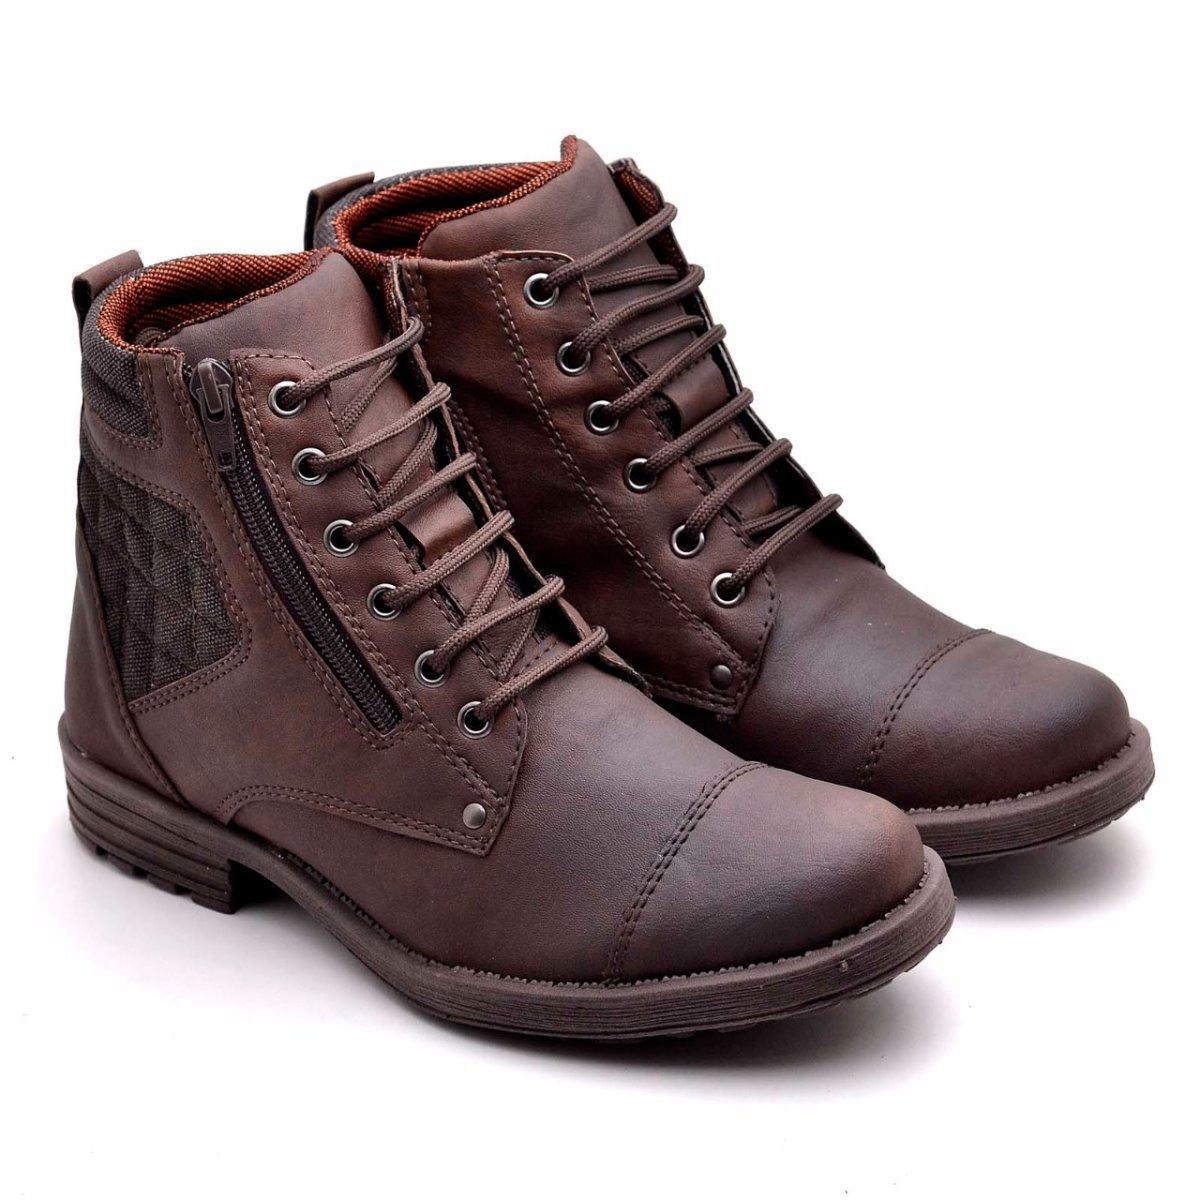 df28d60329 bota coturno masculino casual esportivo trilha confortável. Carregando zoom.